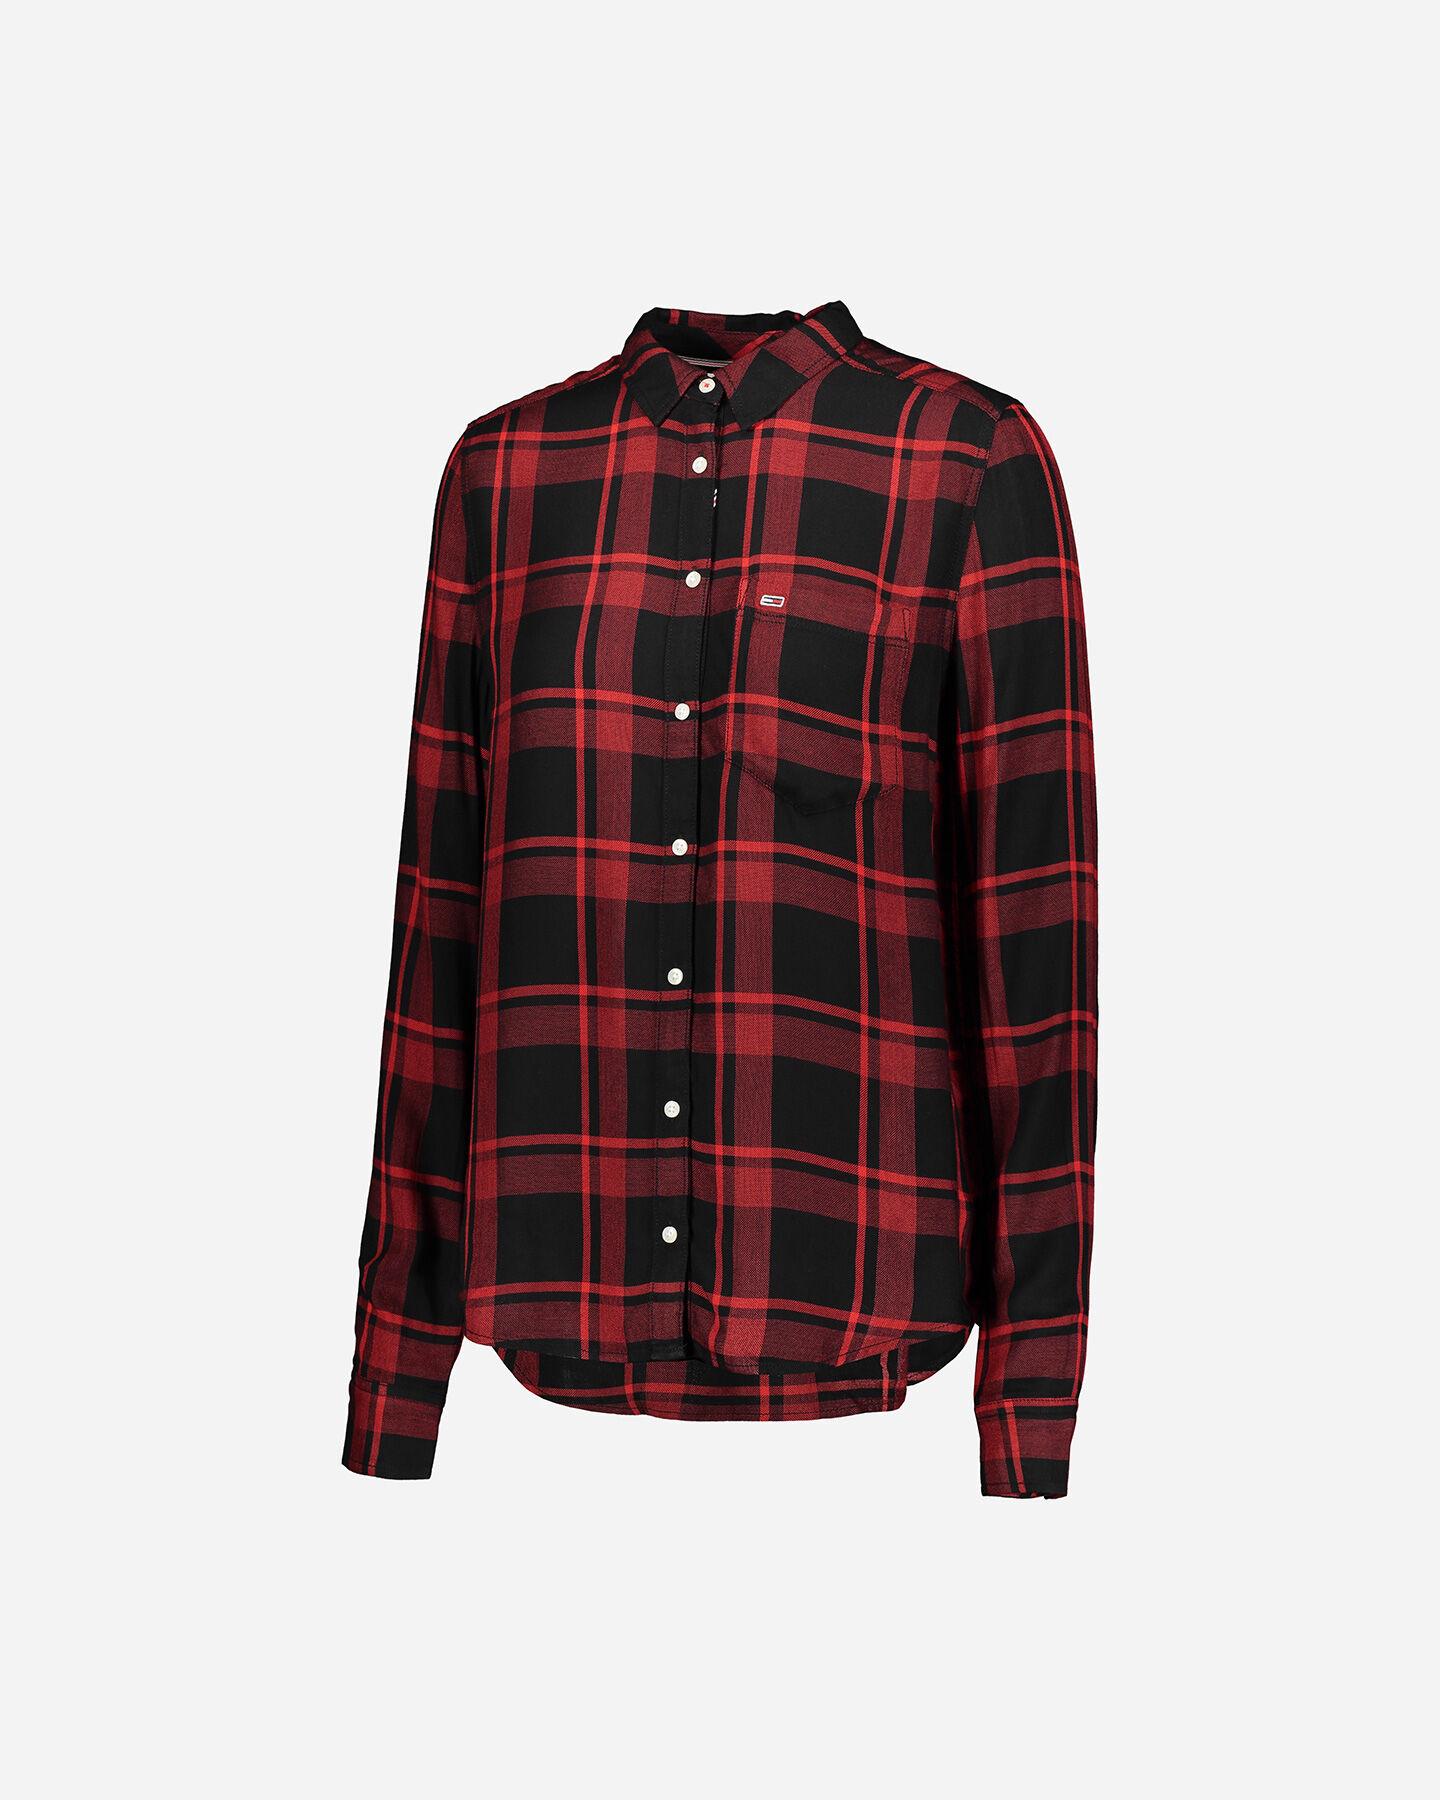 Camicia TOMMY HILFIGER CHECK W S4083549 scatto 0